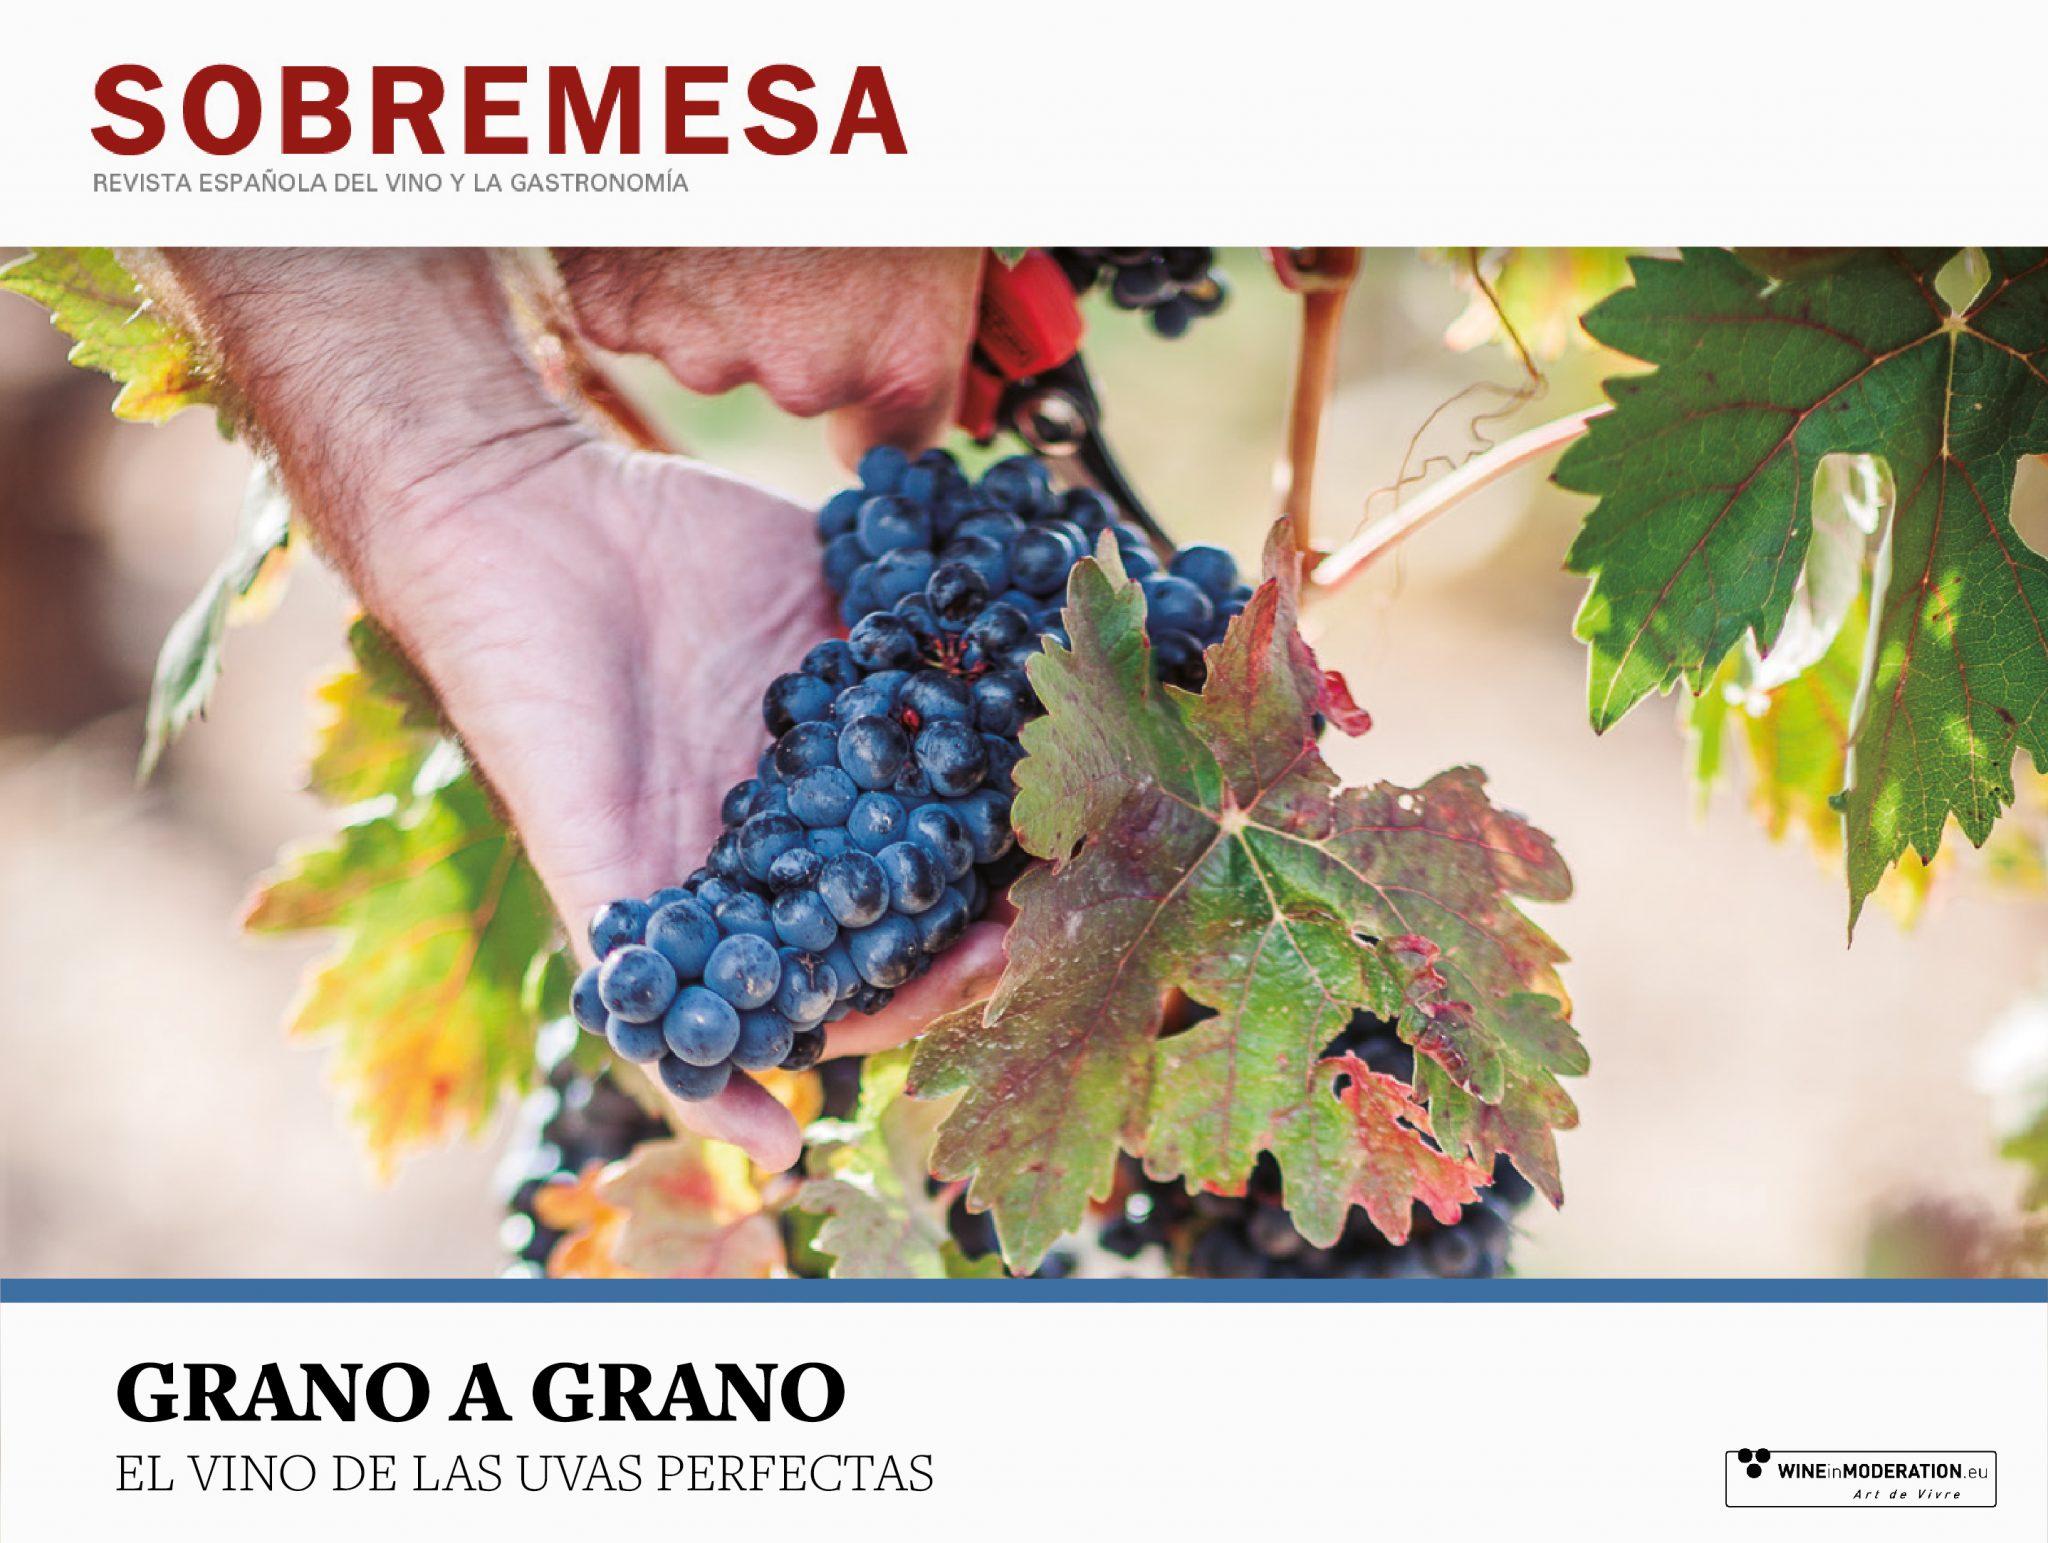 Grano a Grano, el vino de las uvas perfectas- Sobremesa